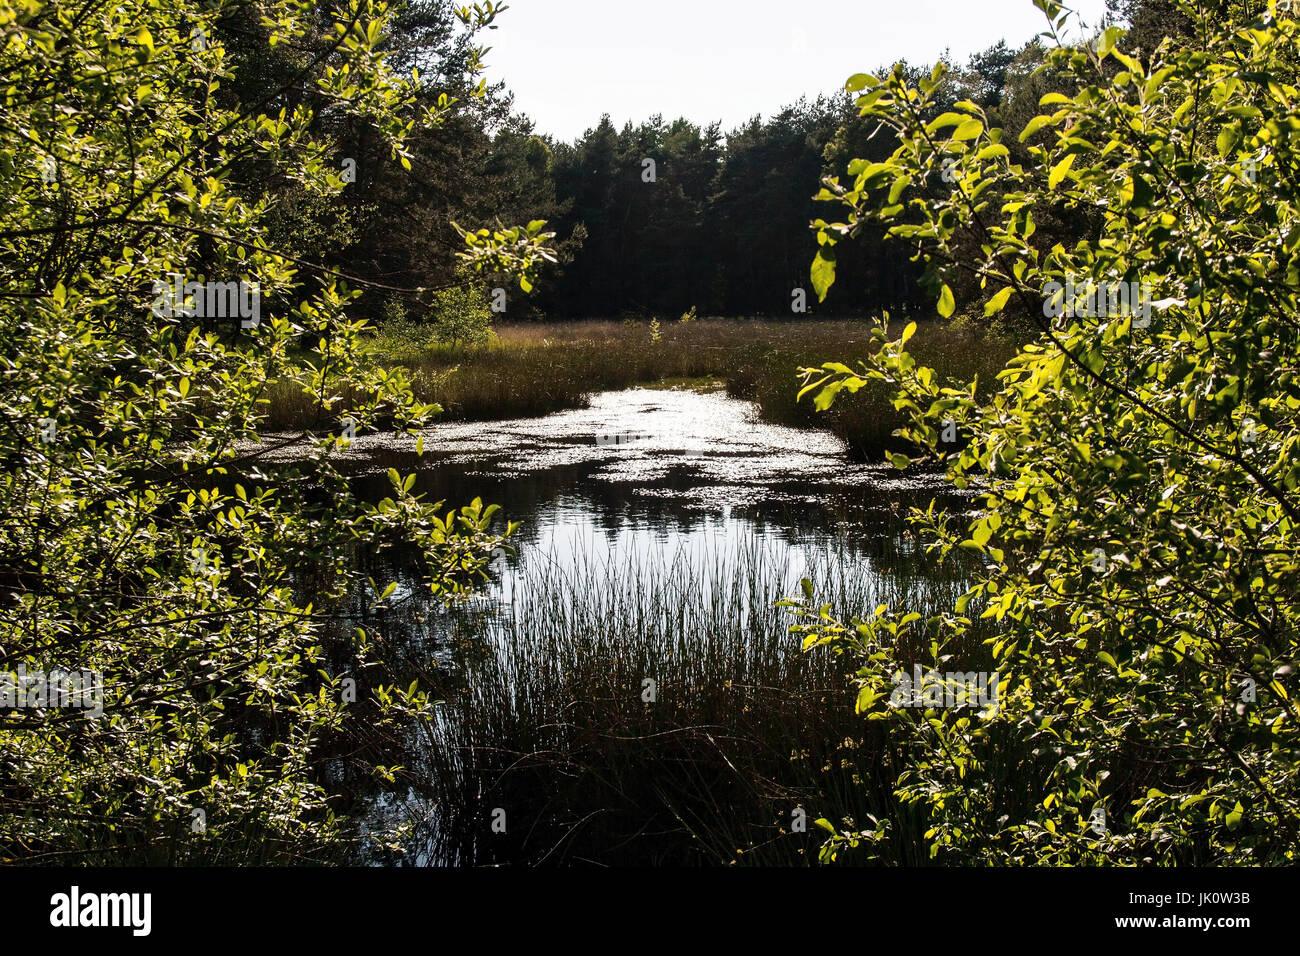 Árbol-ascendía moor estanque en la deslumbrante luz posterior, baumumstandener moorteich gleissenden gegenlicht im Foto de stock